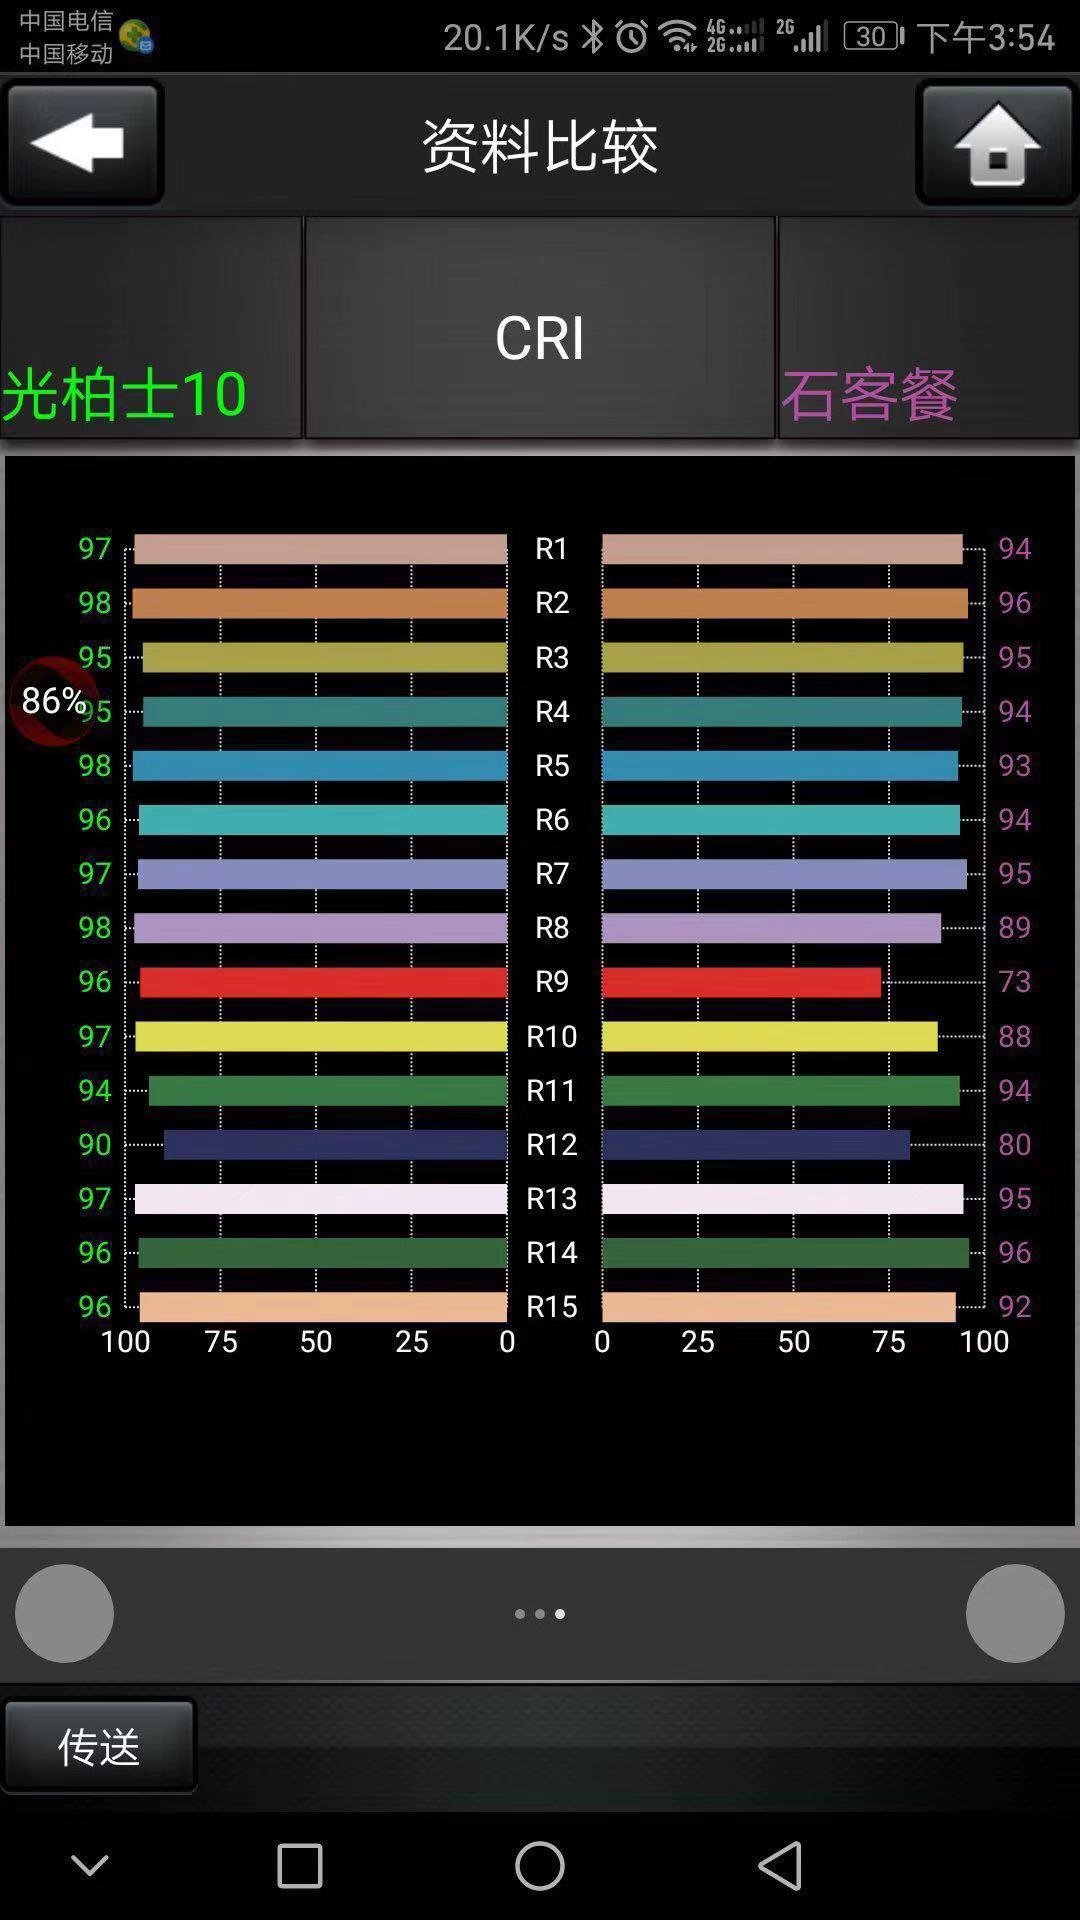 九五之尊-九五之尊官方网站餐厅灯具产品参数.jpg